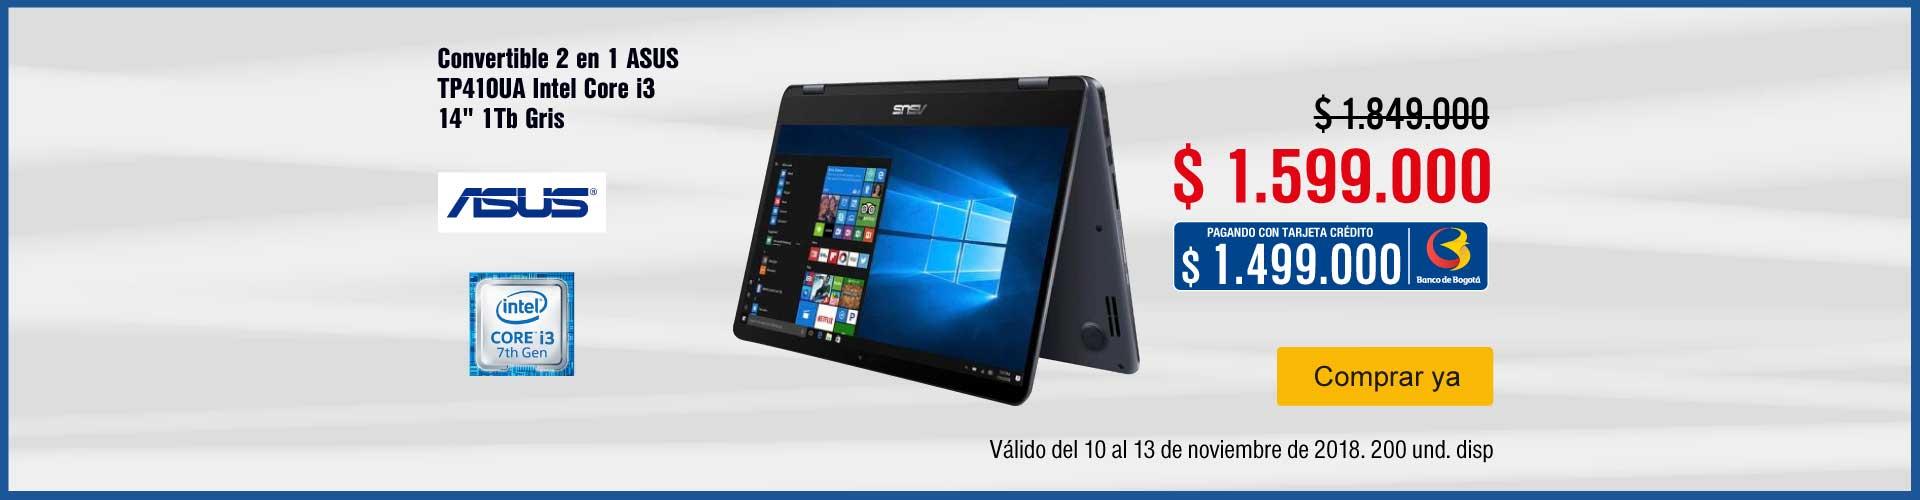 KT-PPAL-4-computadores y tablets-PP---Asus-2en1 TP410UA-Nov10